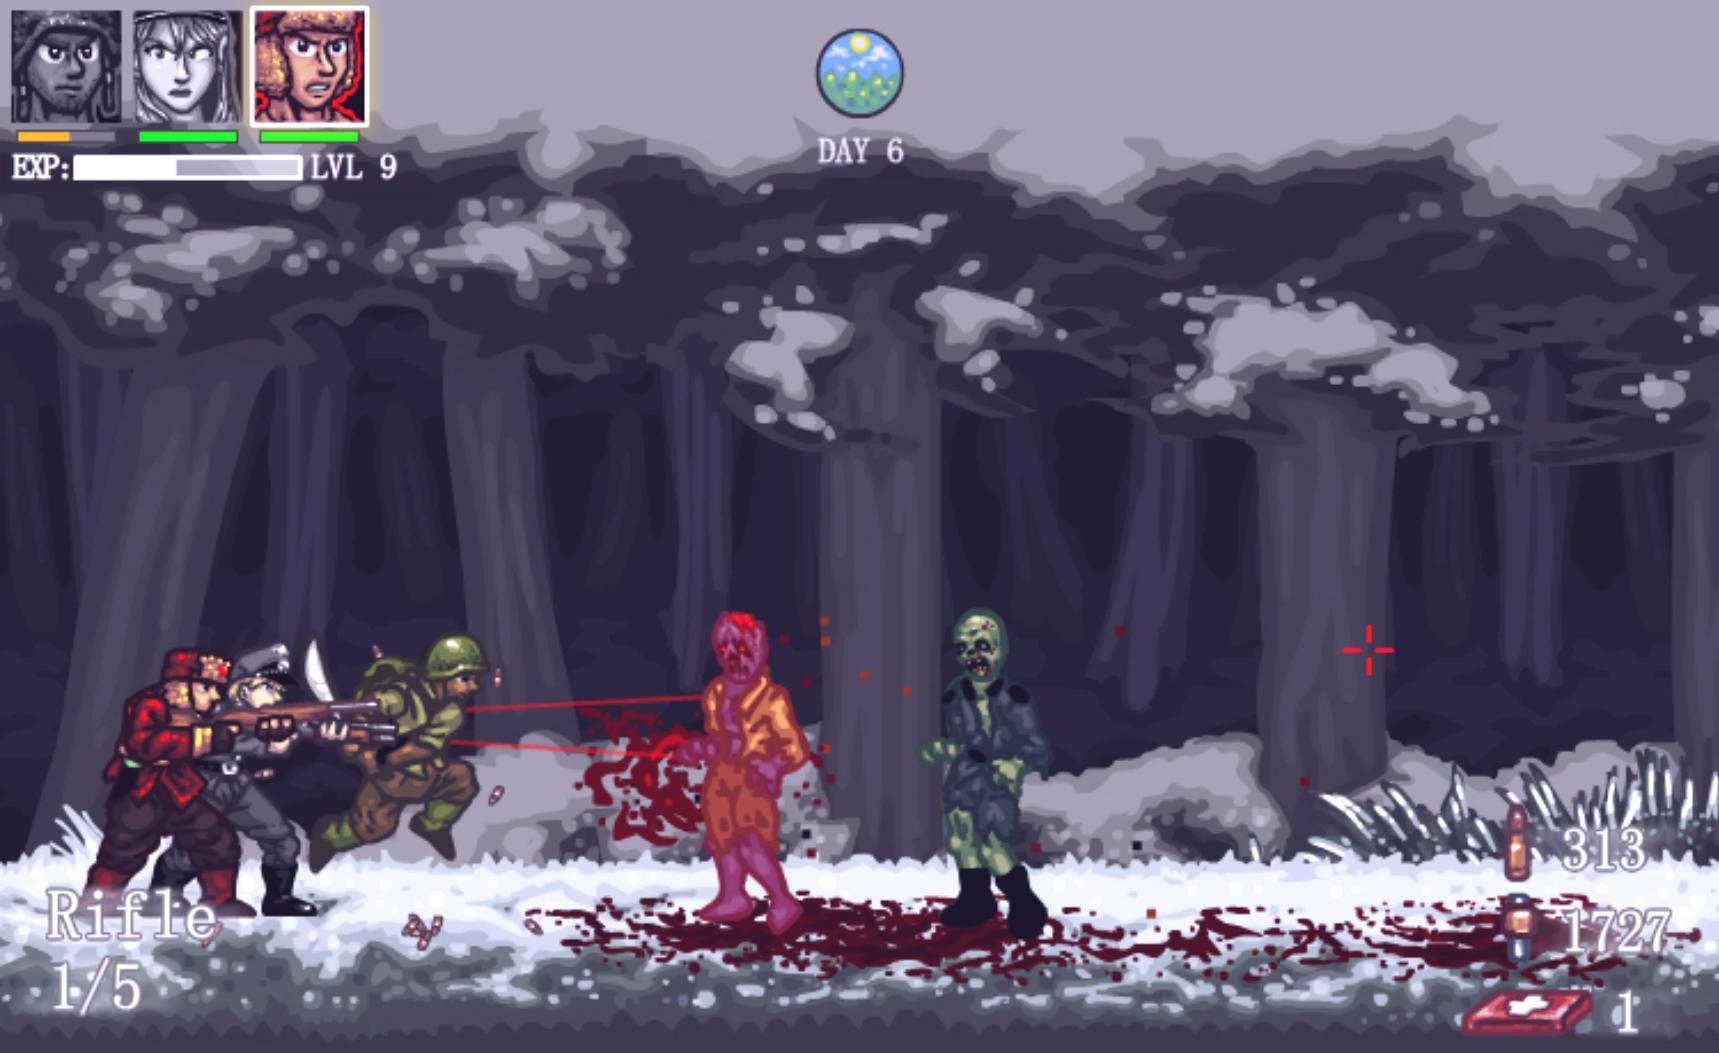 Deadly 30 screenshot